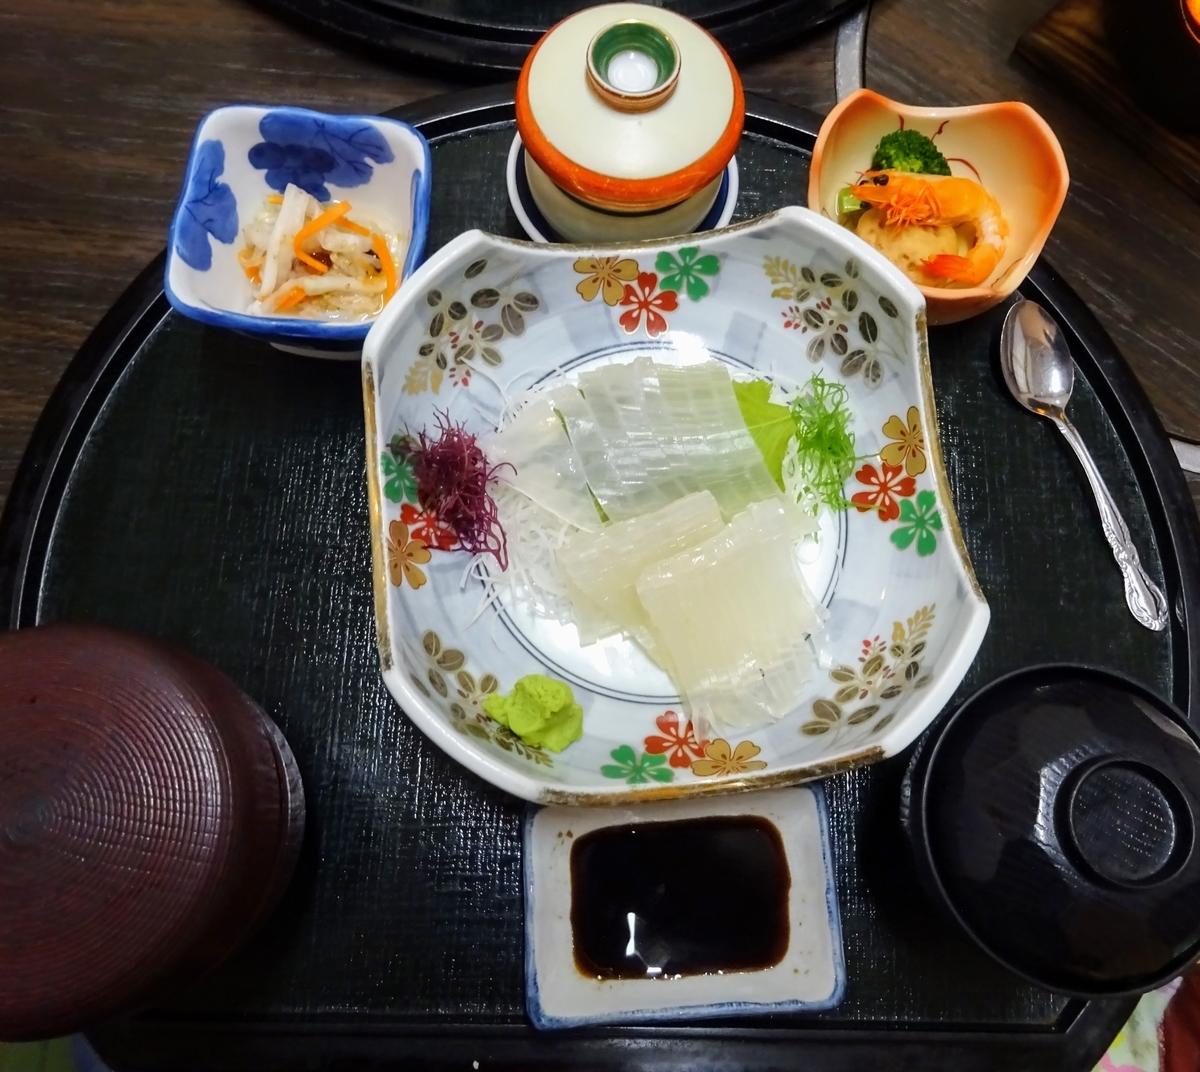 おおしきの『イカの活造り膳』 福岡県遠賀郡岡垣町